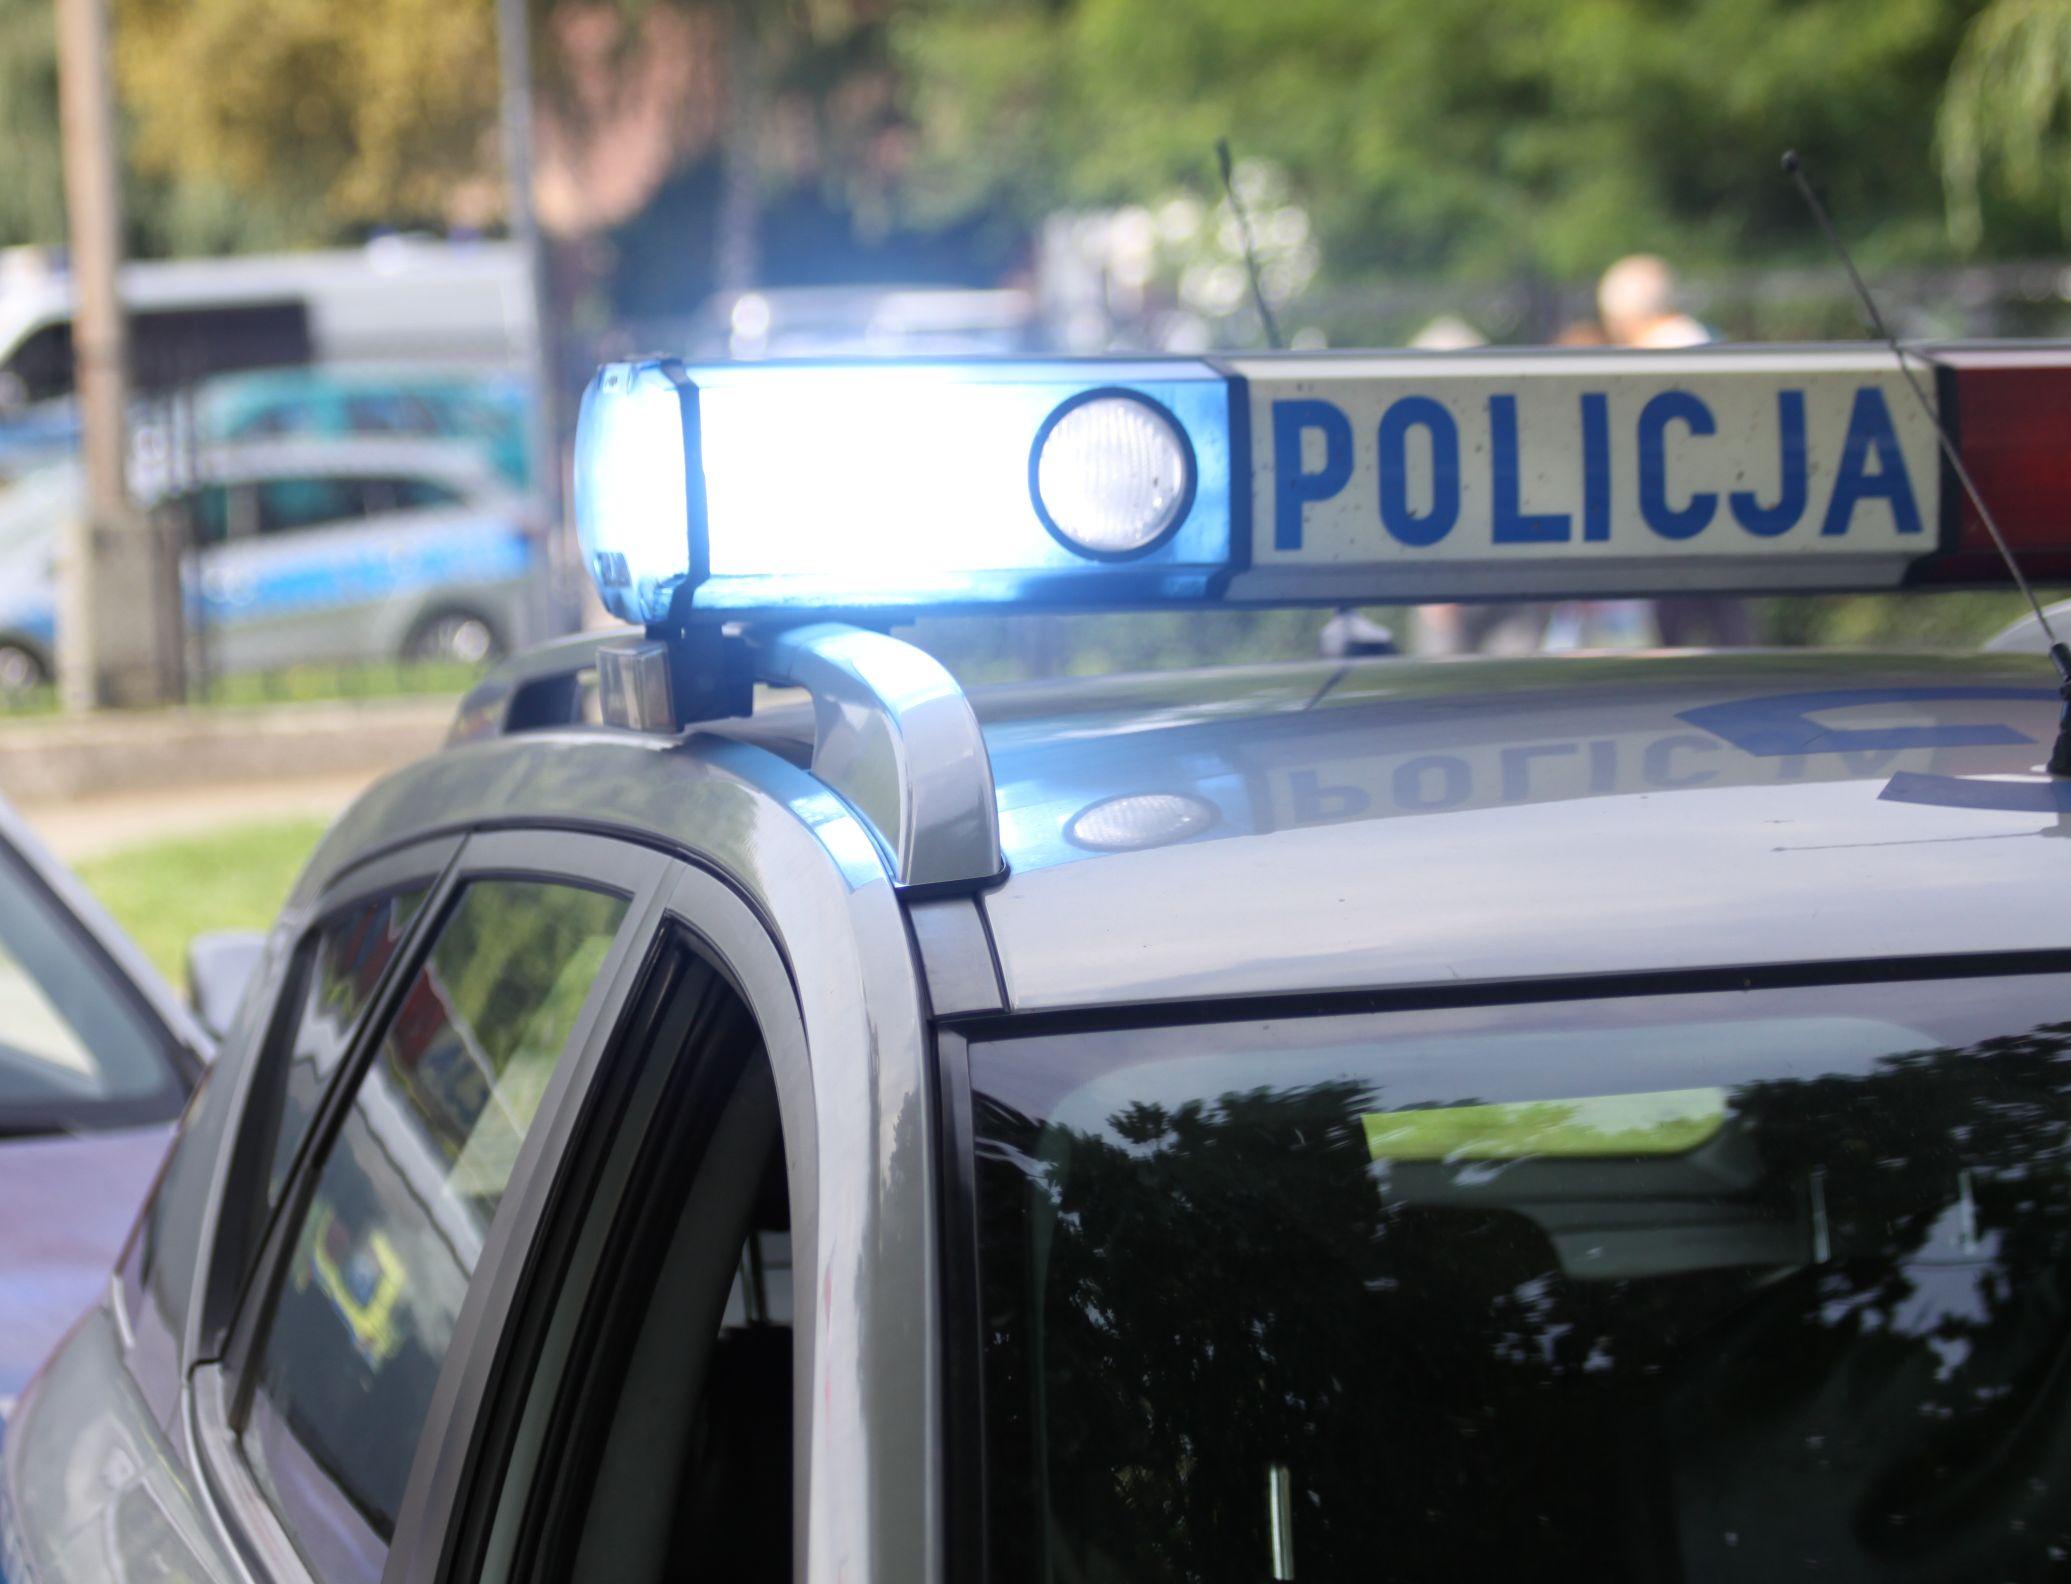 Mieszkańcy zatrzymali pijanego 22-letniego kierowcę, który doprowadził do kolizji